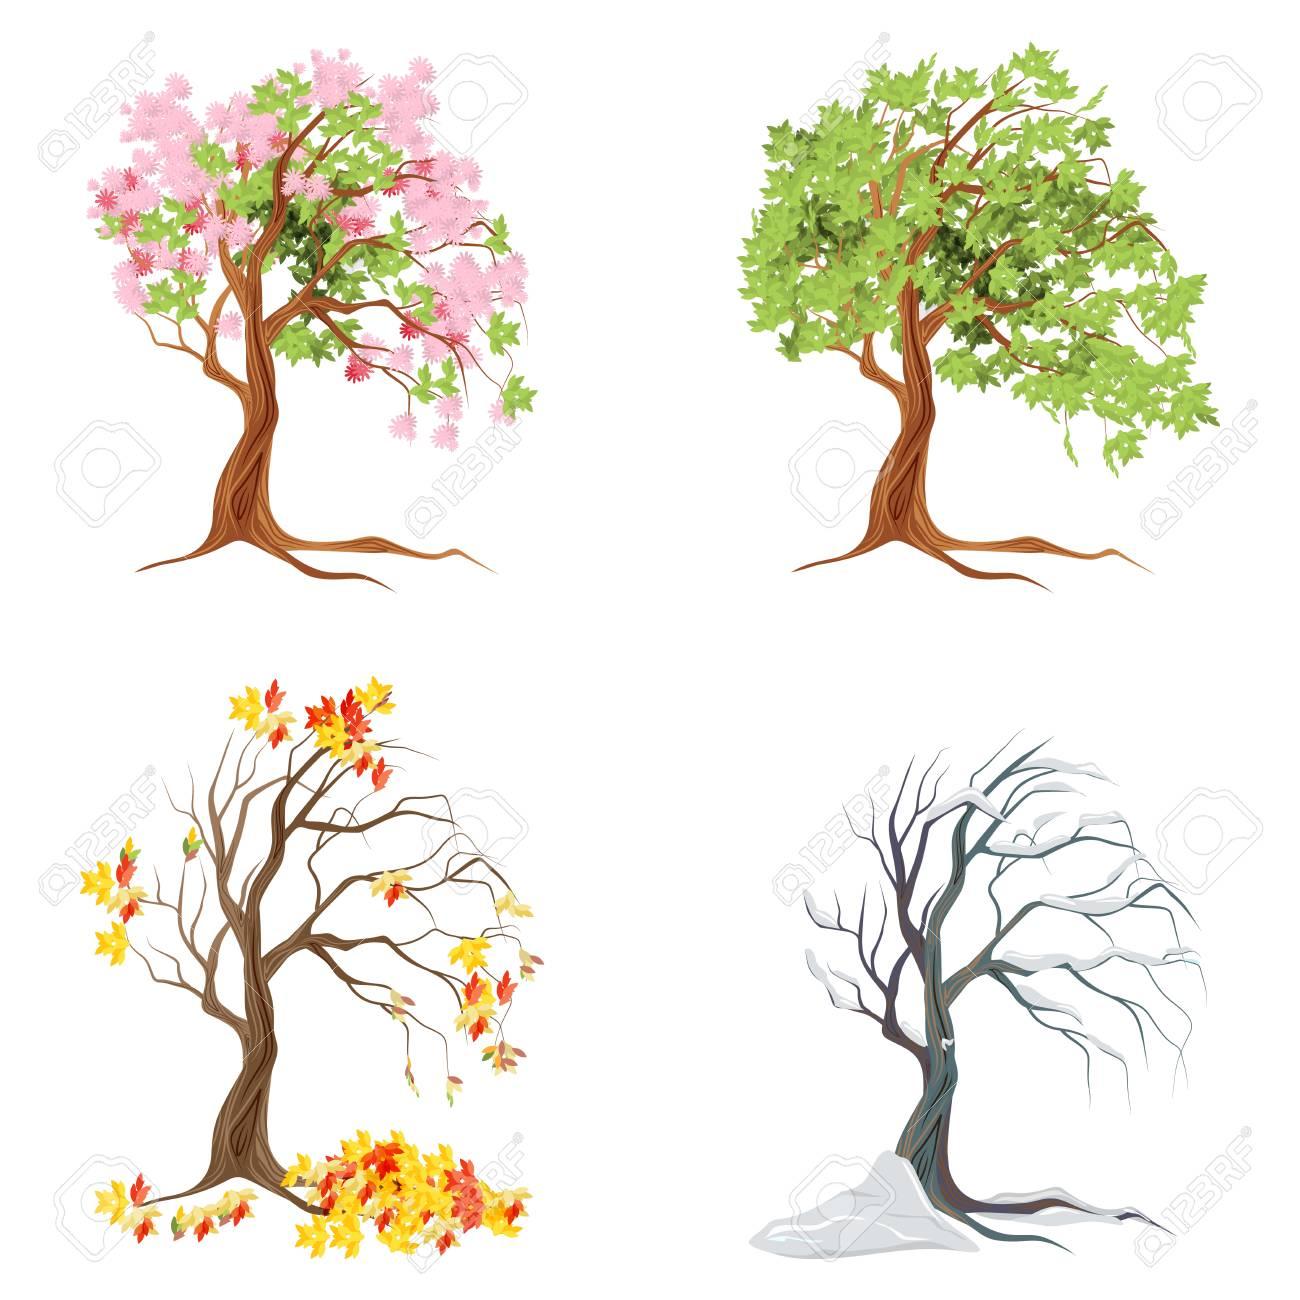 ca75eb0a7556 Cuatro árboles de temporadas en el fondo blanco. Verano, primavera, otoño e  invierno.